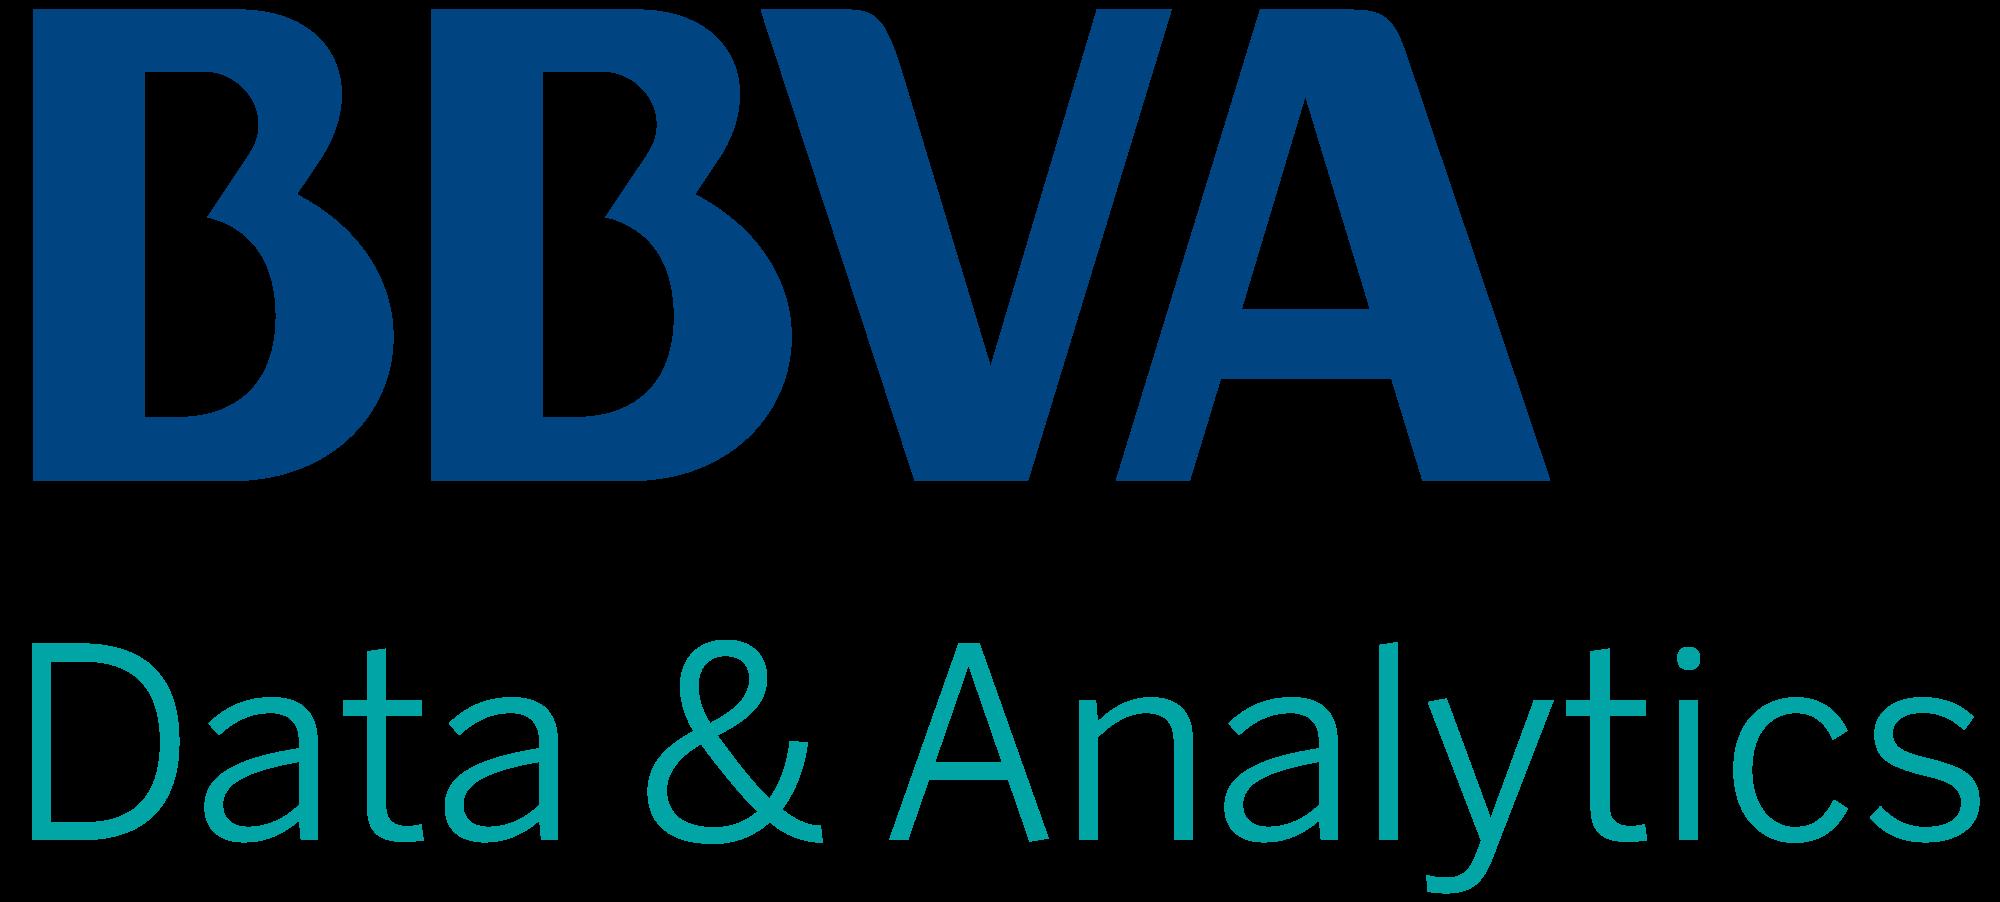 BBVA-Data-Analytics_RGB.png